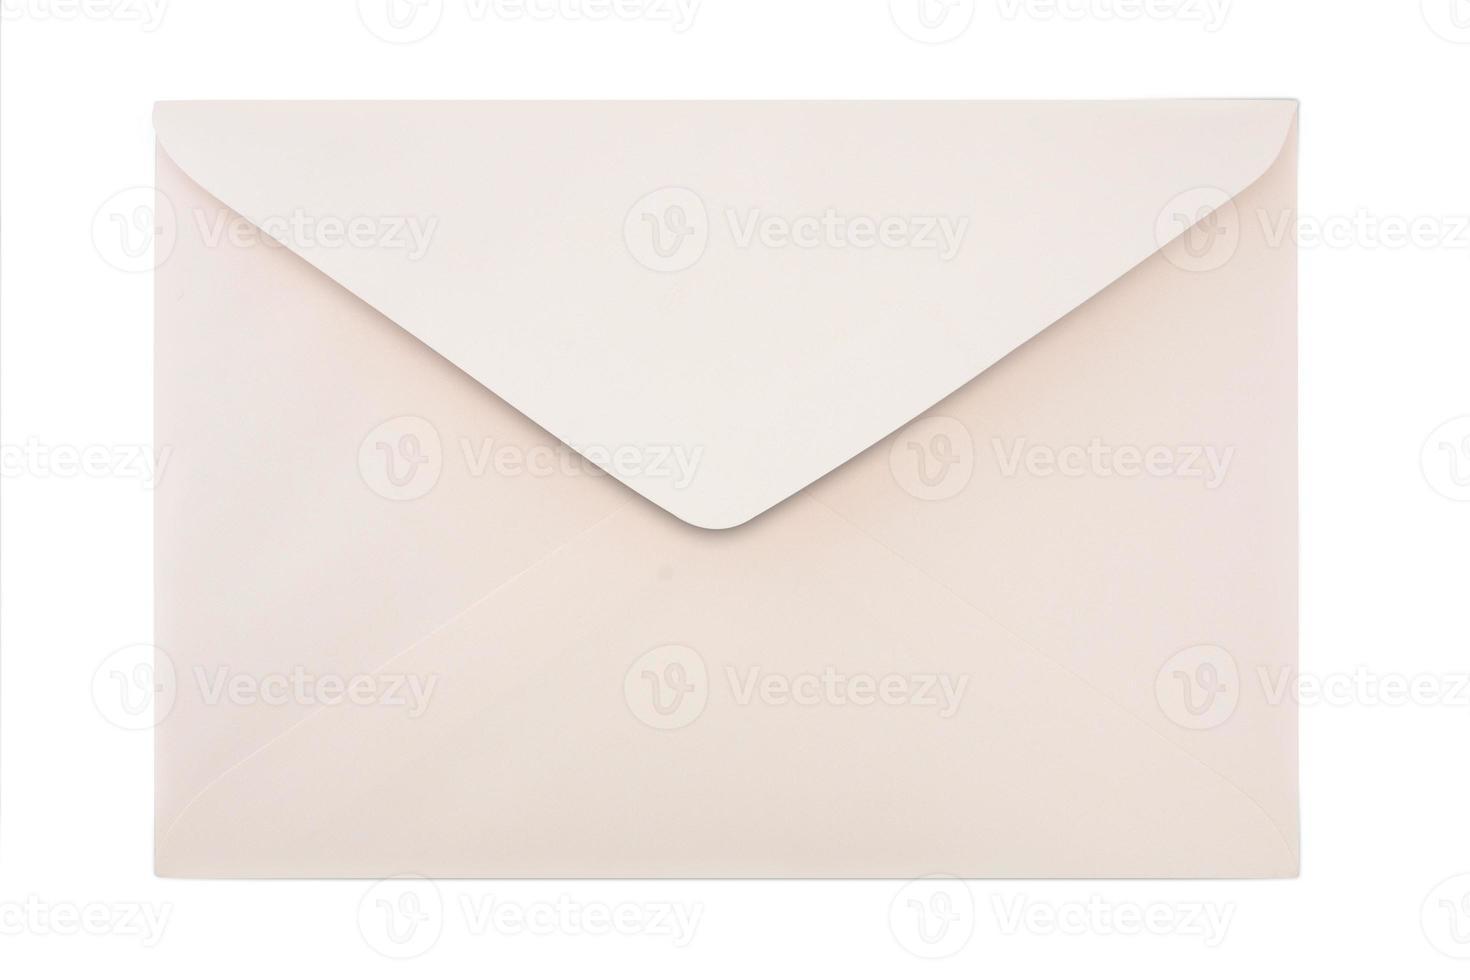 Briefumschlag foto